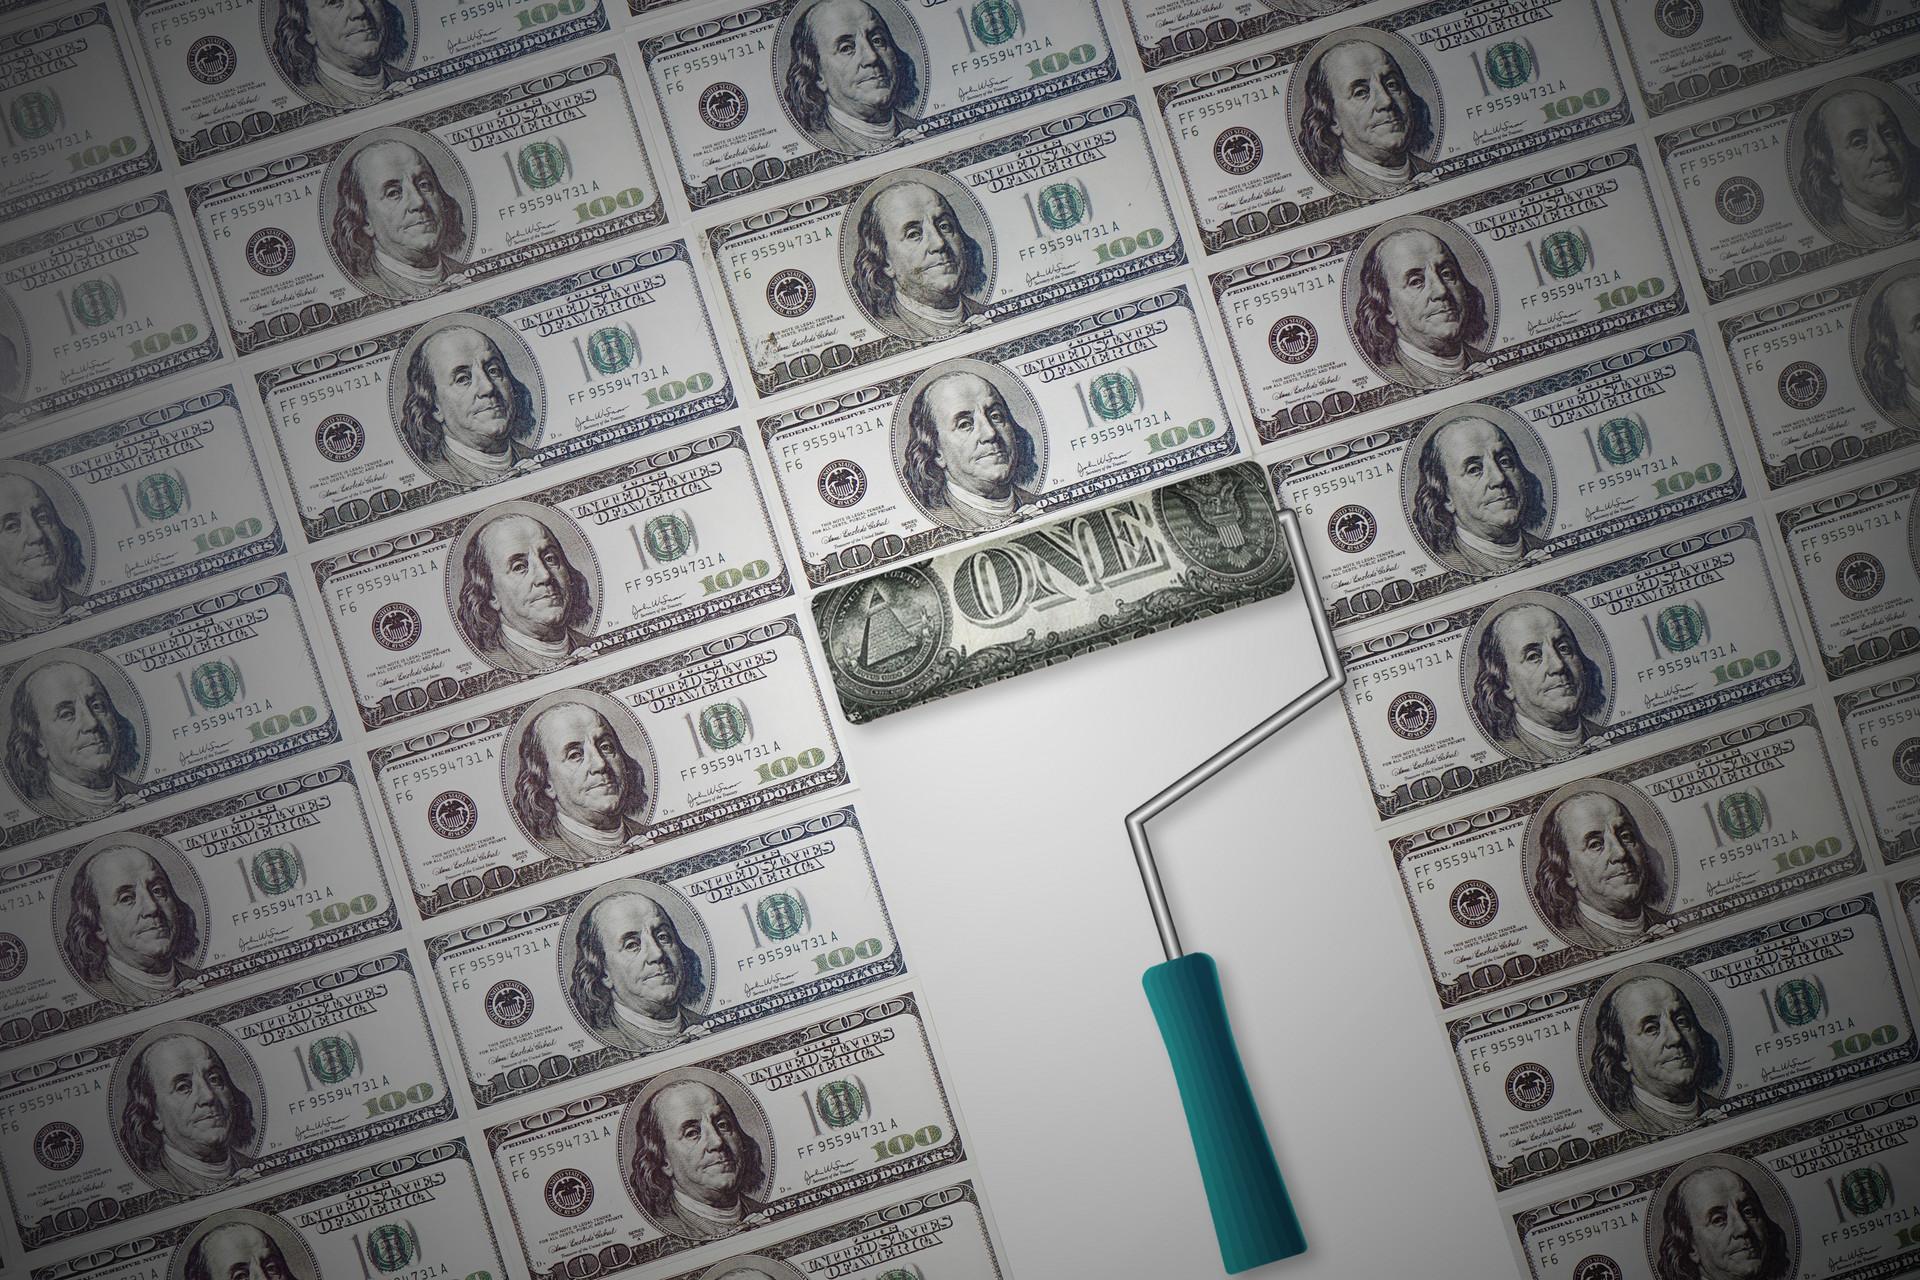 一图了解美元流动性危机